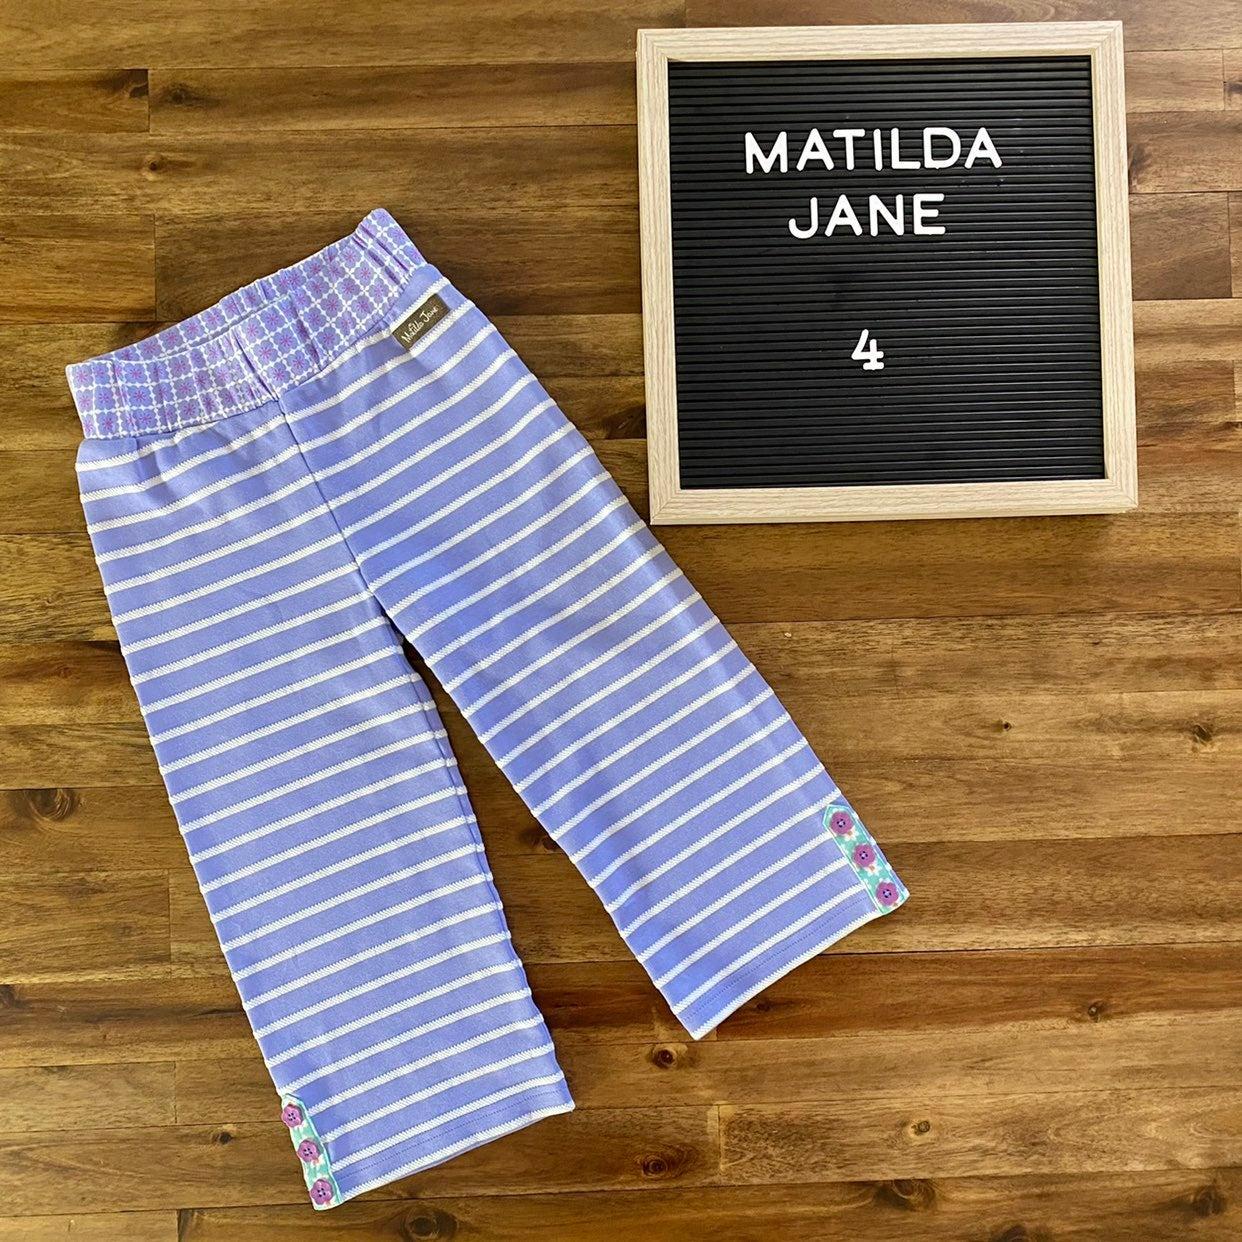 Matilda Jane Start Here Straightees 4